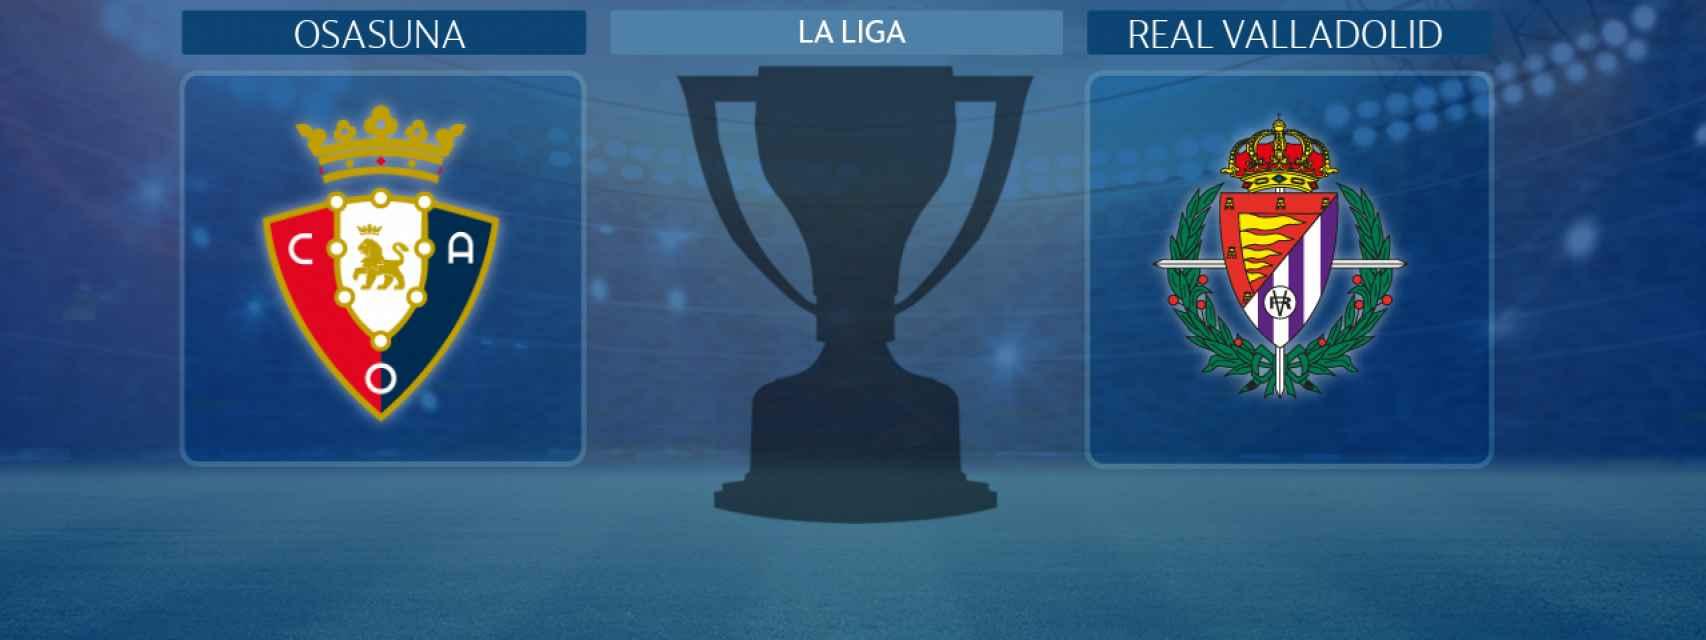 Osasuna - Real Valladolid, partido de La Liga